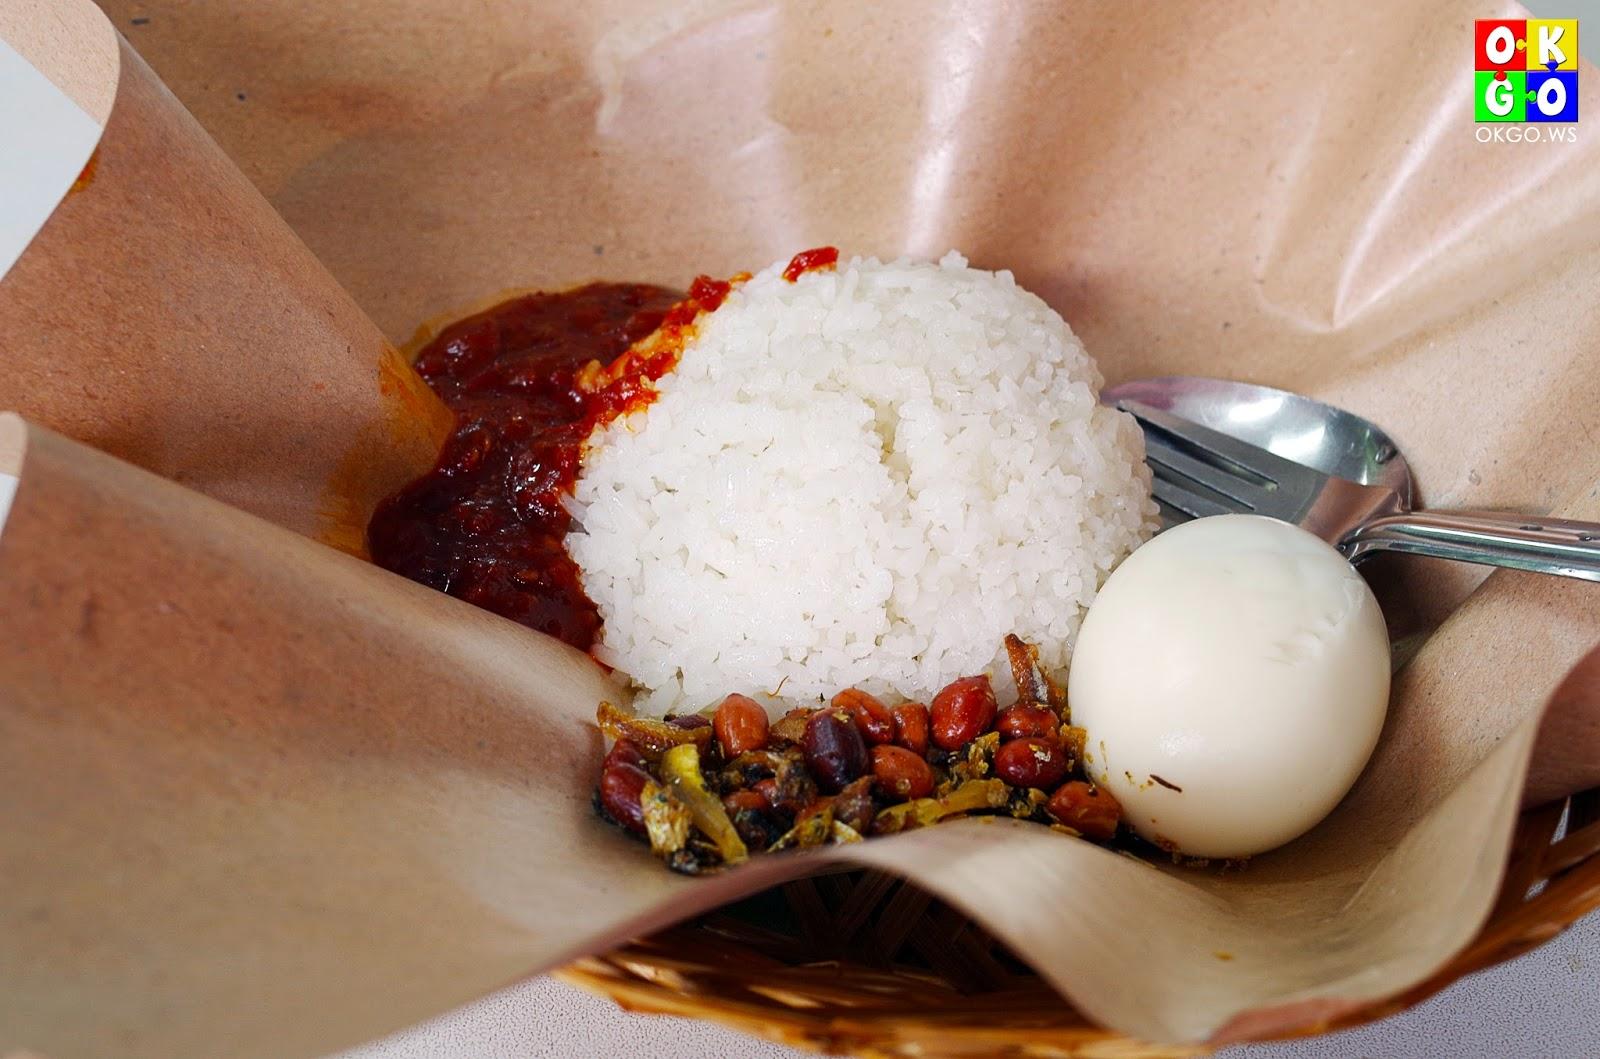 Kin Wah Nasi lemak